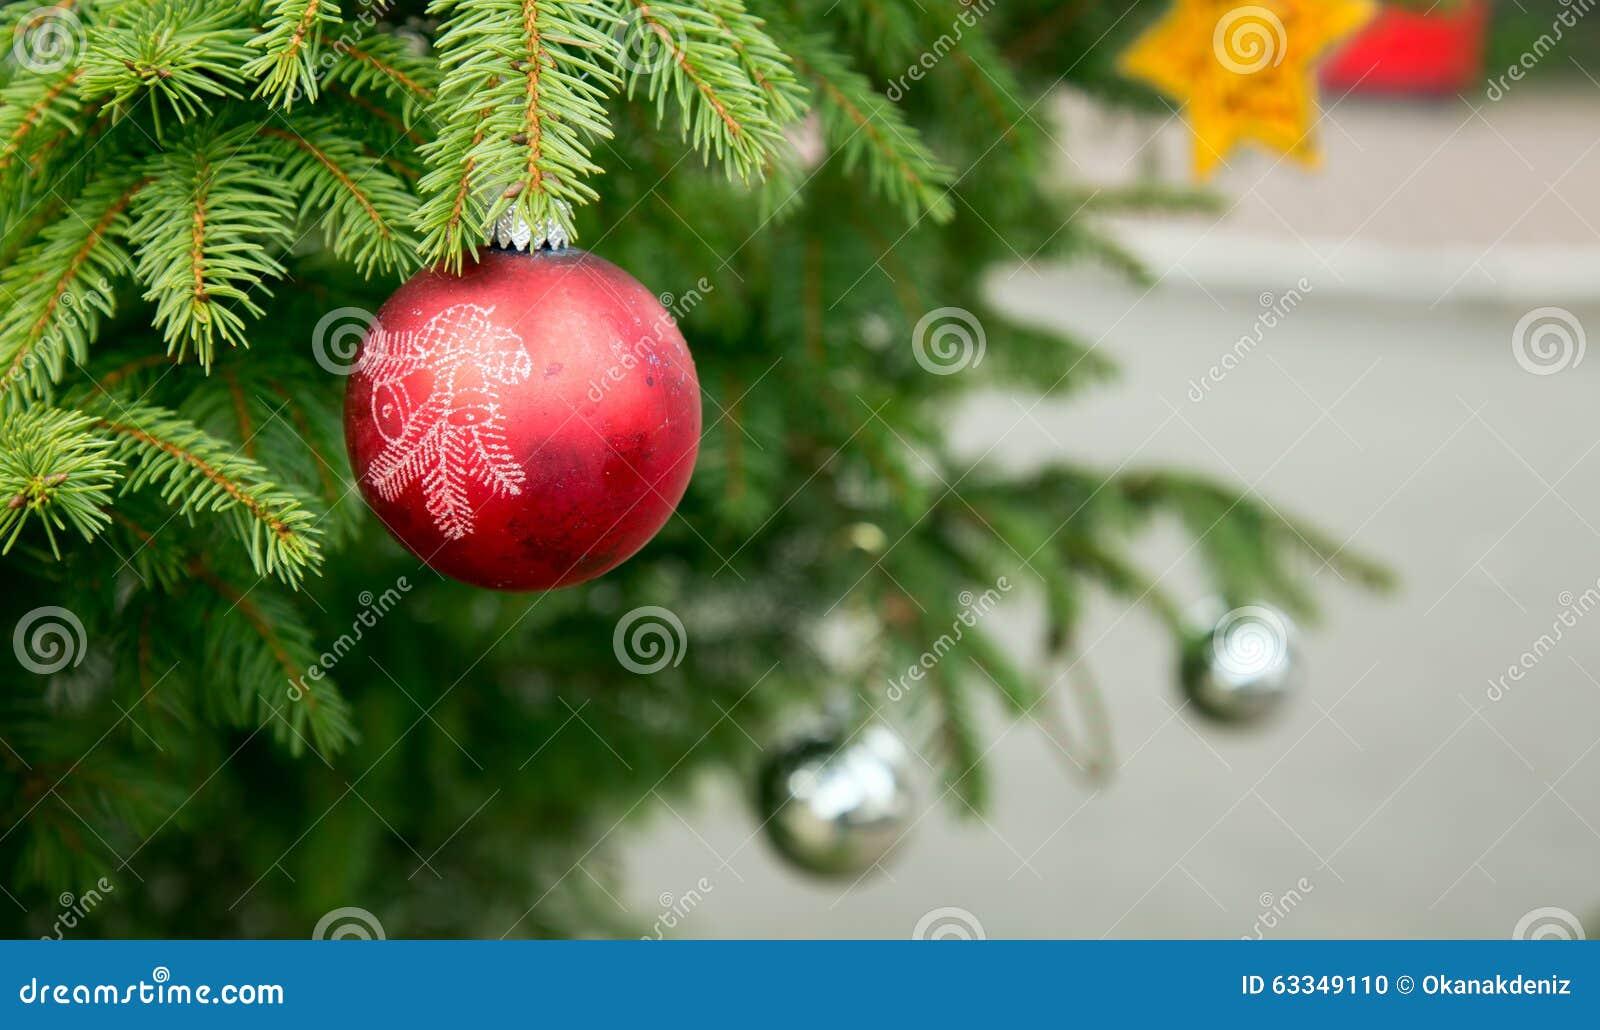 Weihnachtsfeier Dekoration.Weihnachtsfeier Dekoration Und Baum Stockfoto Bild Von Verzierung